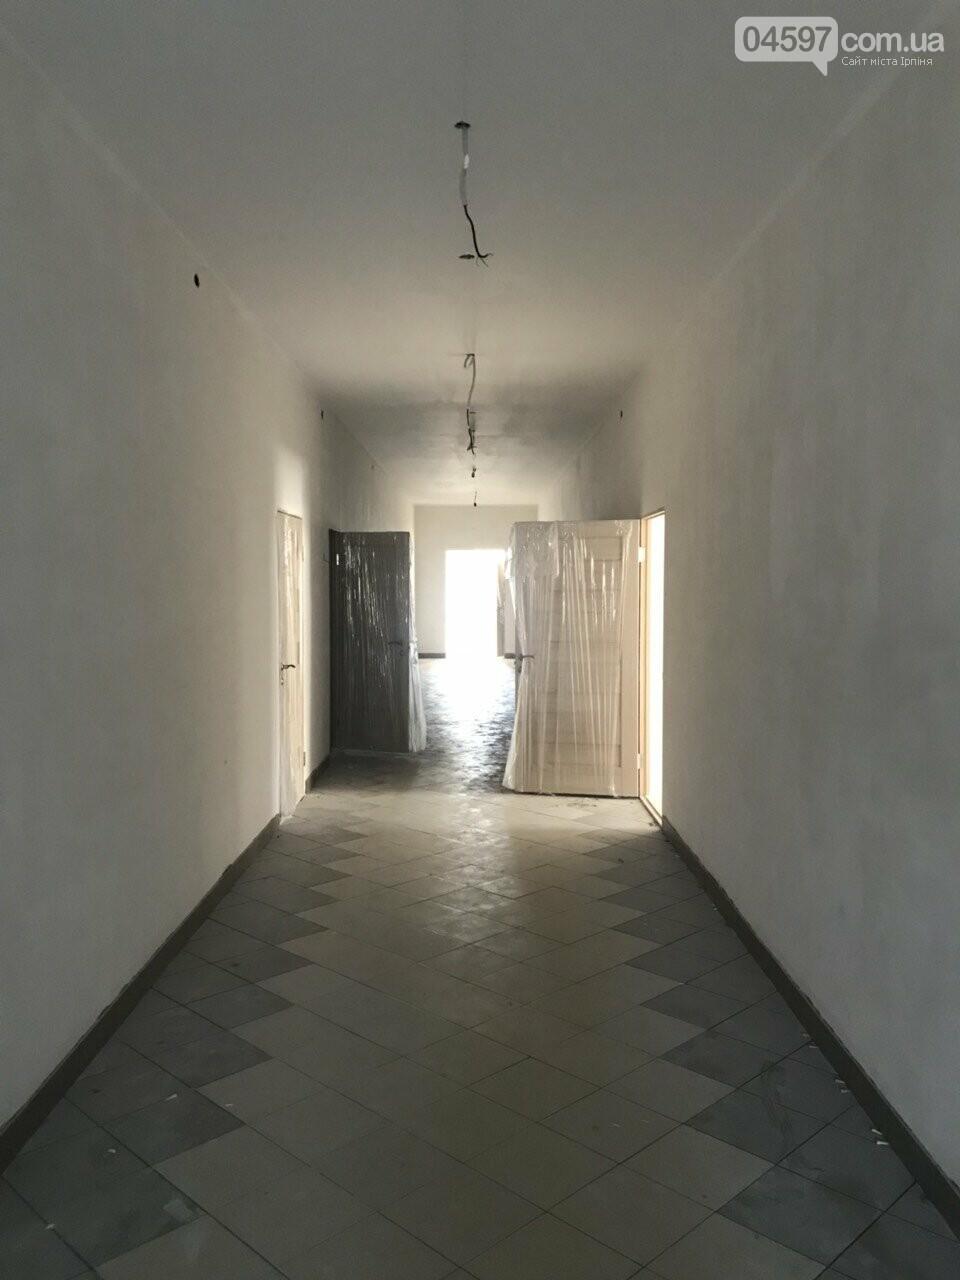 Ірпінь буде звертатися до Горгана і Старикової щодо завершення будівництва дитсадка на Курортній, фото-1